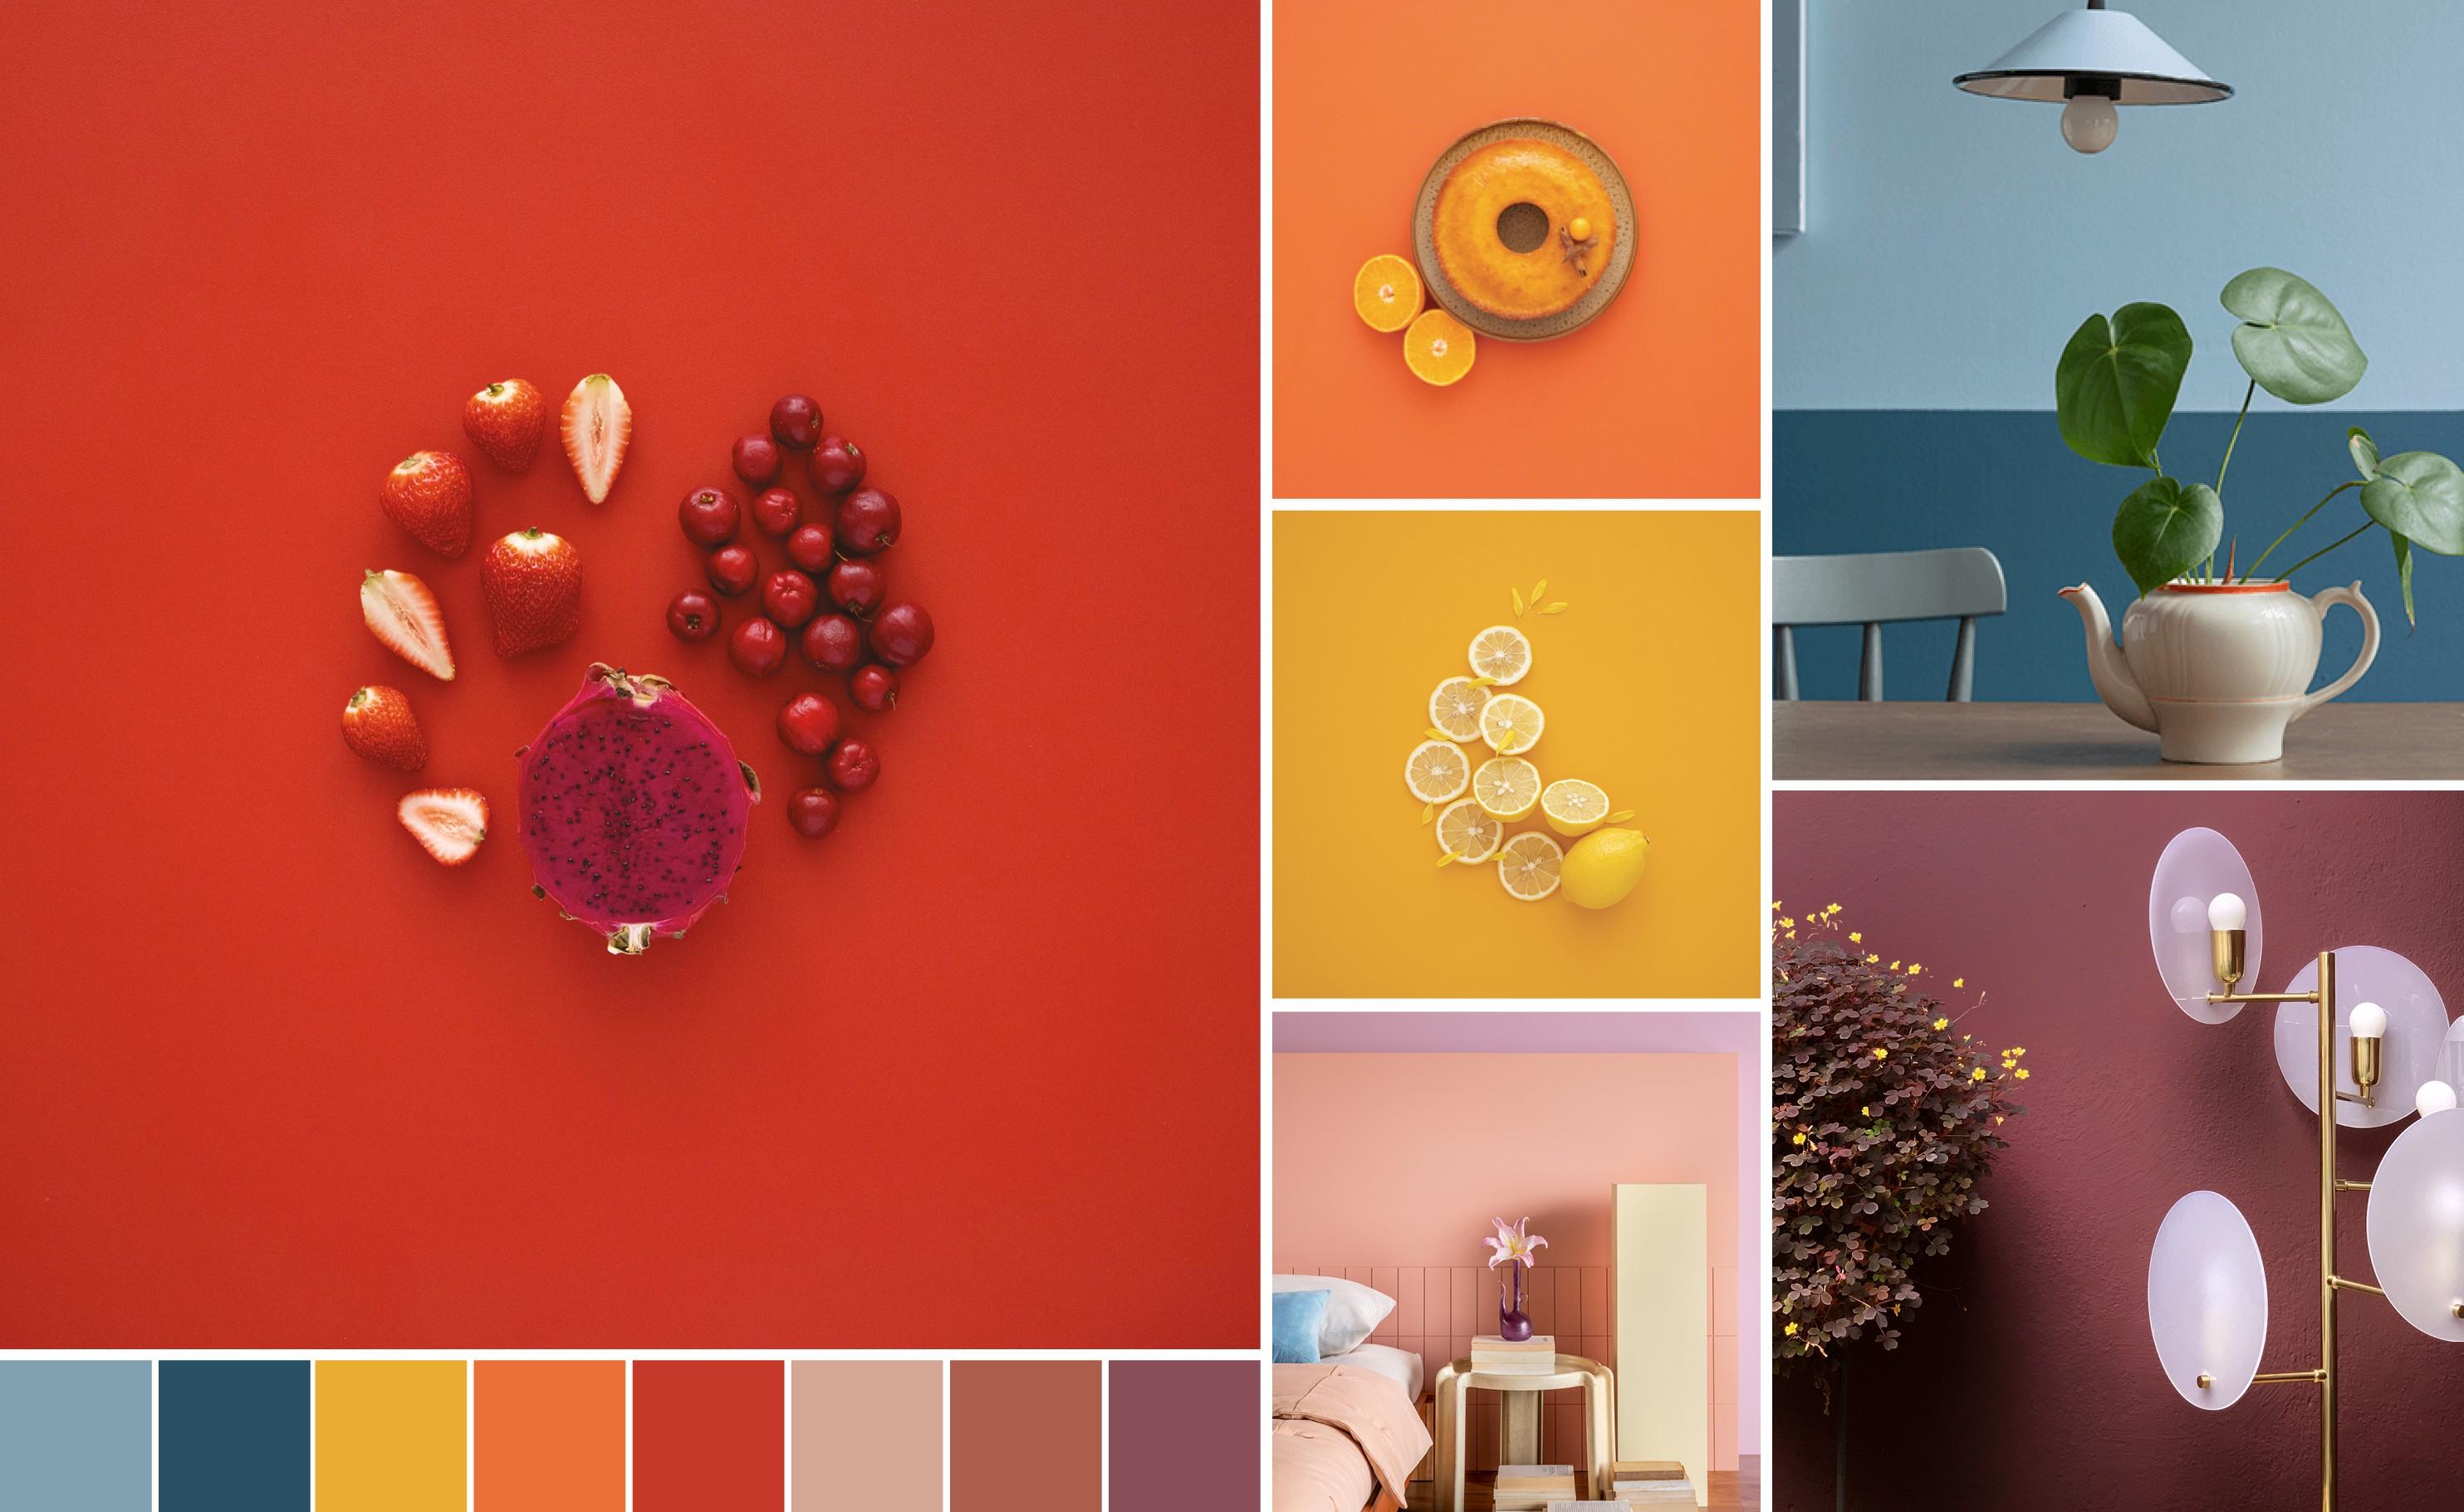 Tons de laranja, vermelho e roxo com elementos das suas cores mostrando como tons intensos e coloridos podem ser combinados entre si.